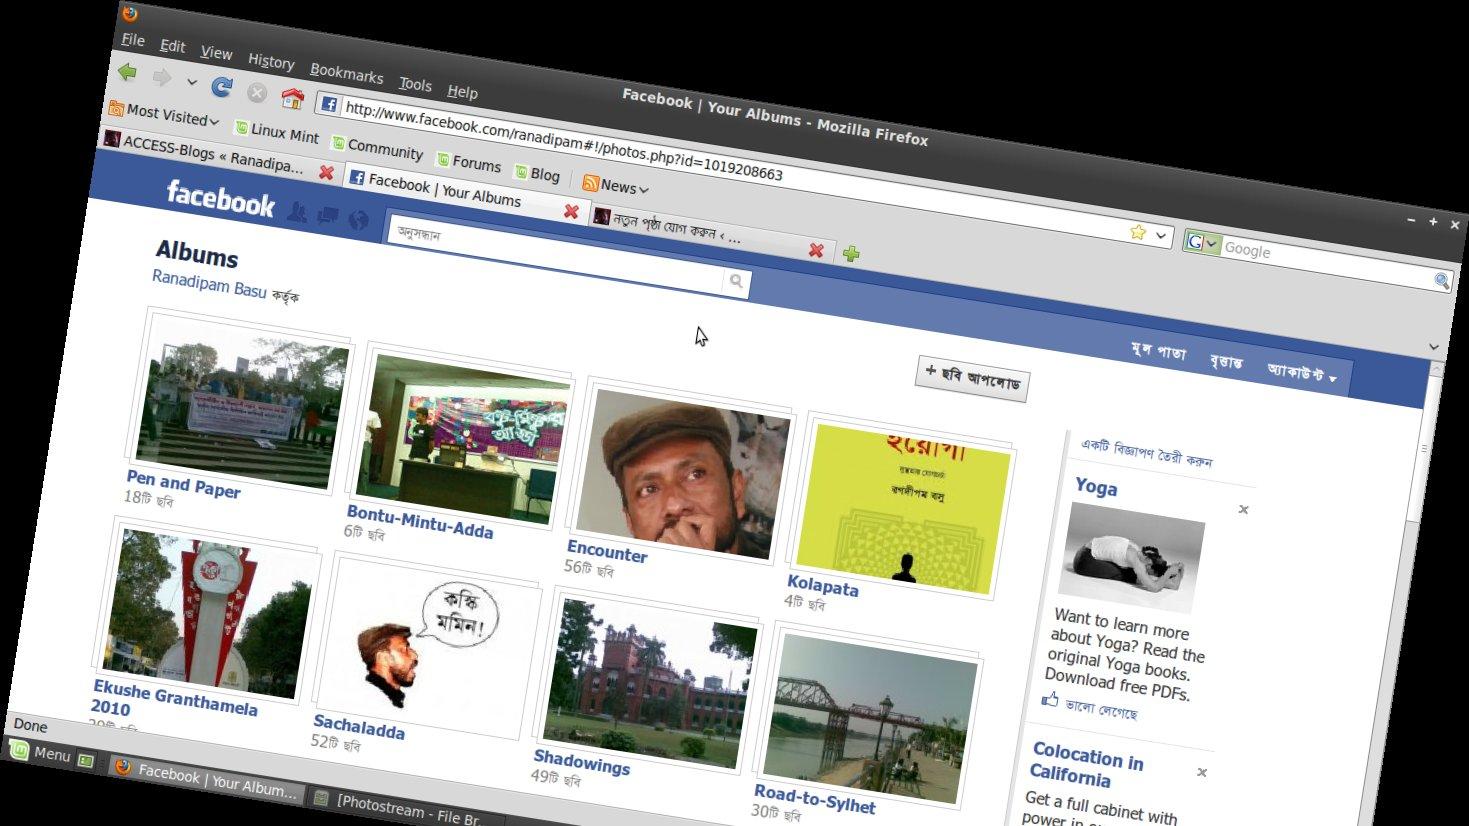 Hvem eier egentlig bildene du har lagt ut på Facebook? Så lenge de ikke er omfattet av opphavsretten er de dine...